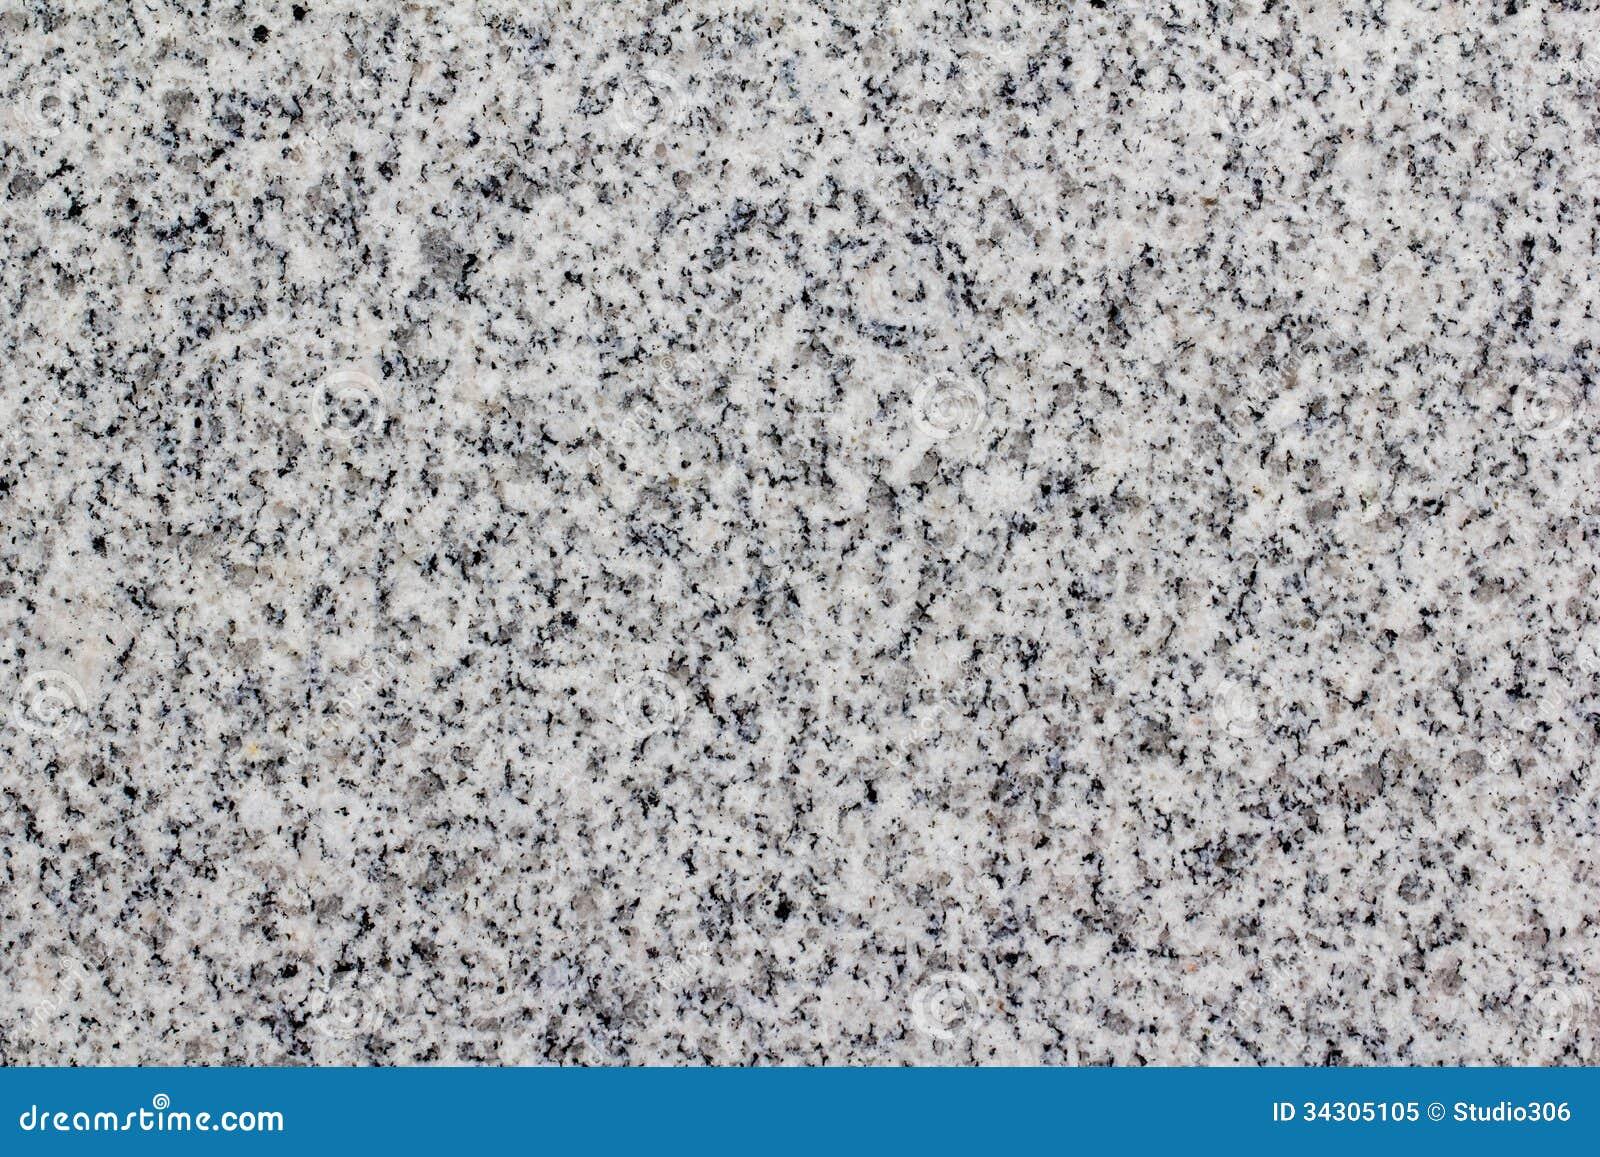 terrazzo floor background stock - photo #45